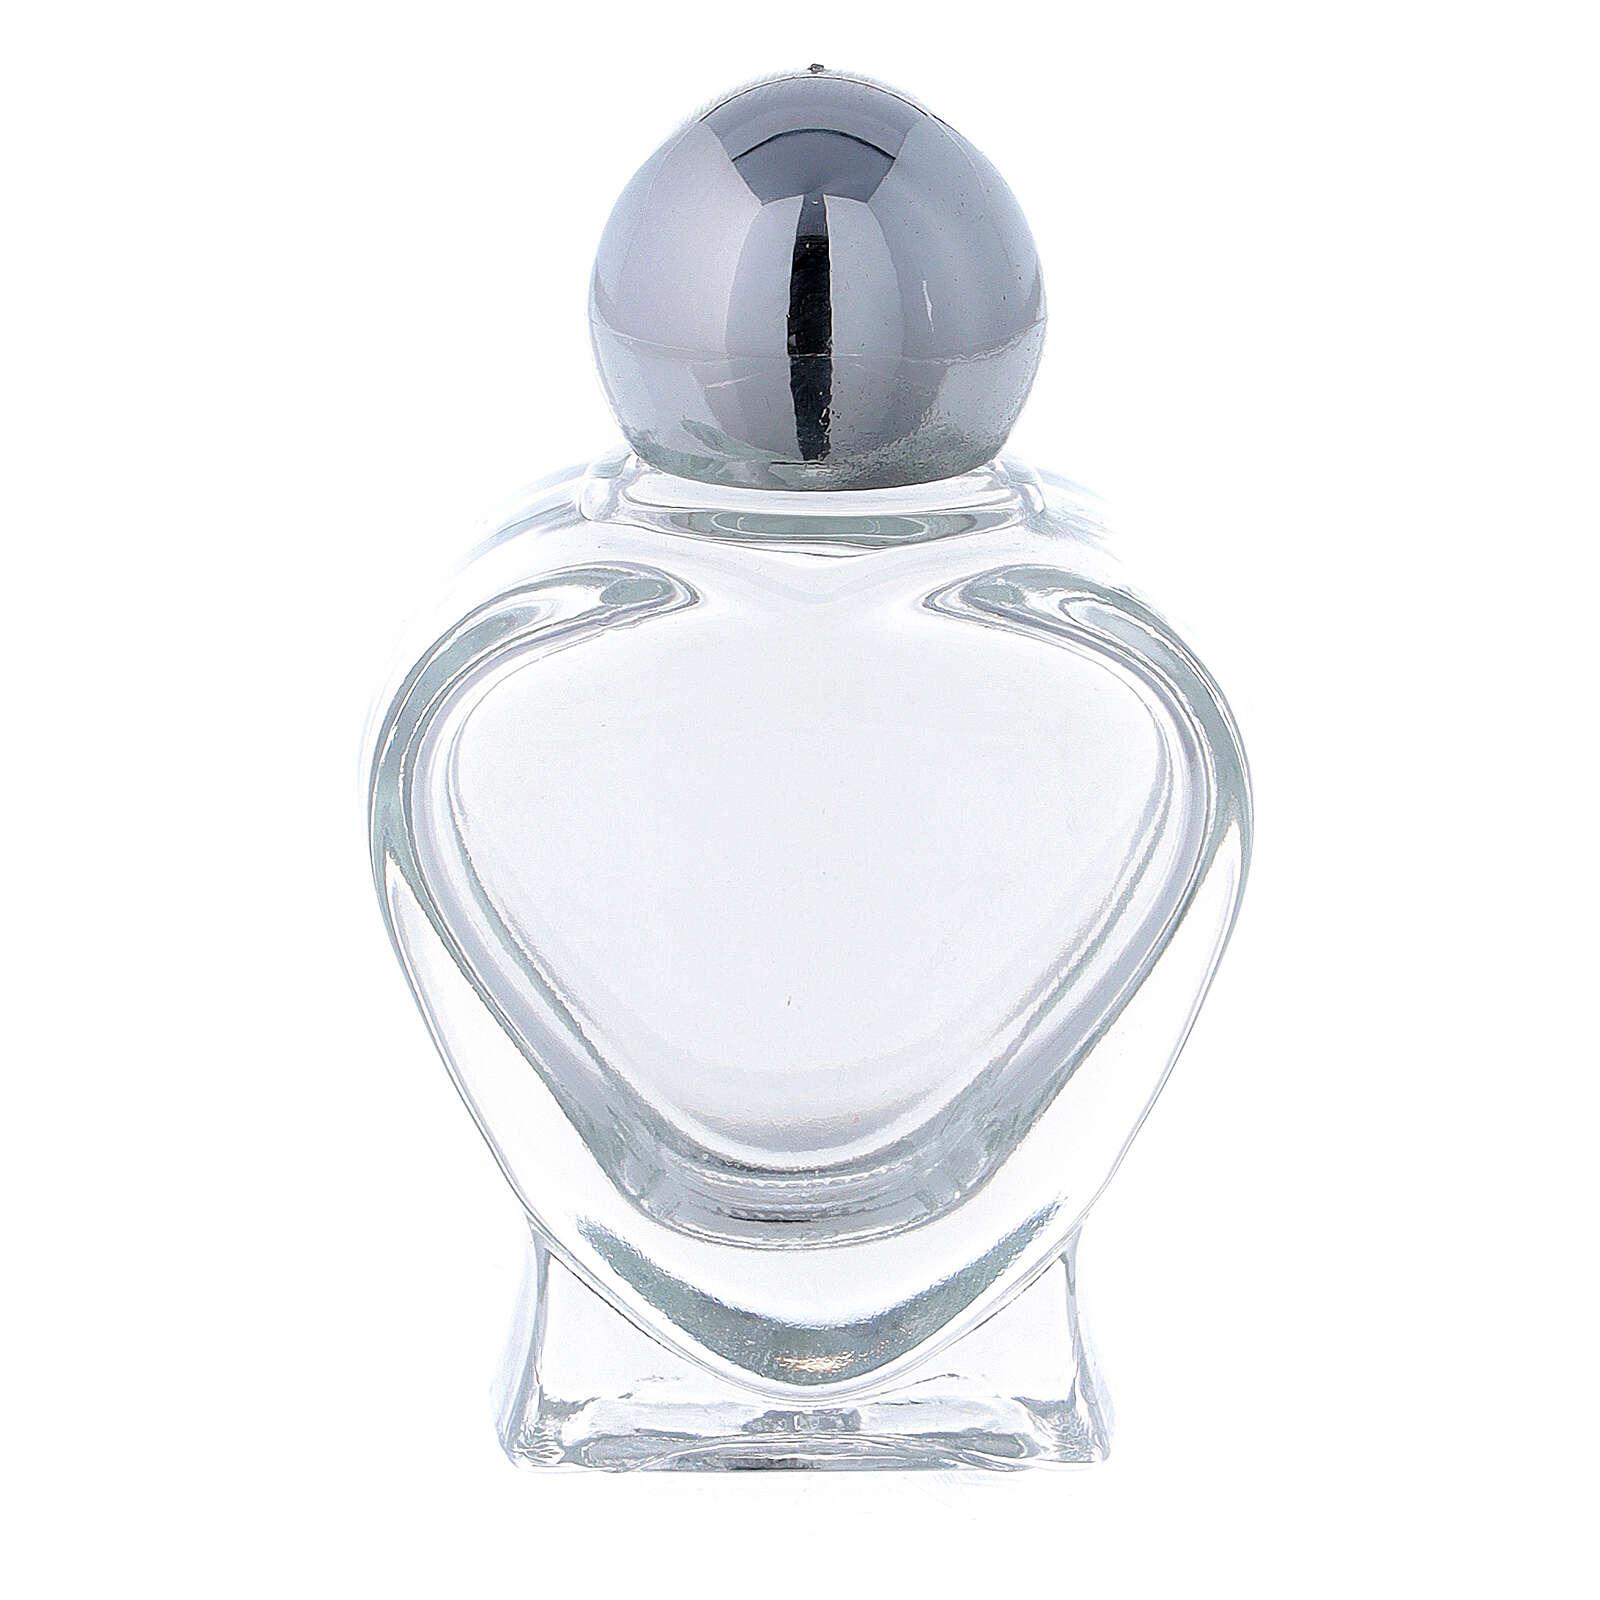 Bottiglietta acquasanta a forma di cuore 10 ml (CONF. 50 PZ) vetro 3